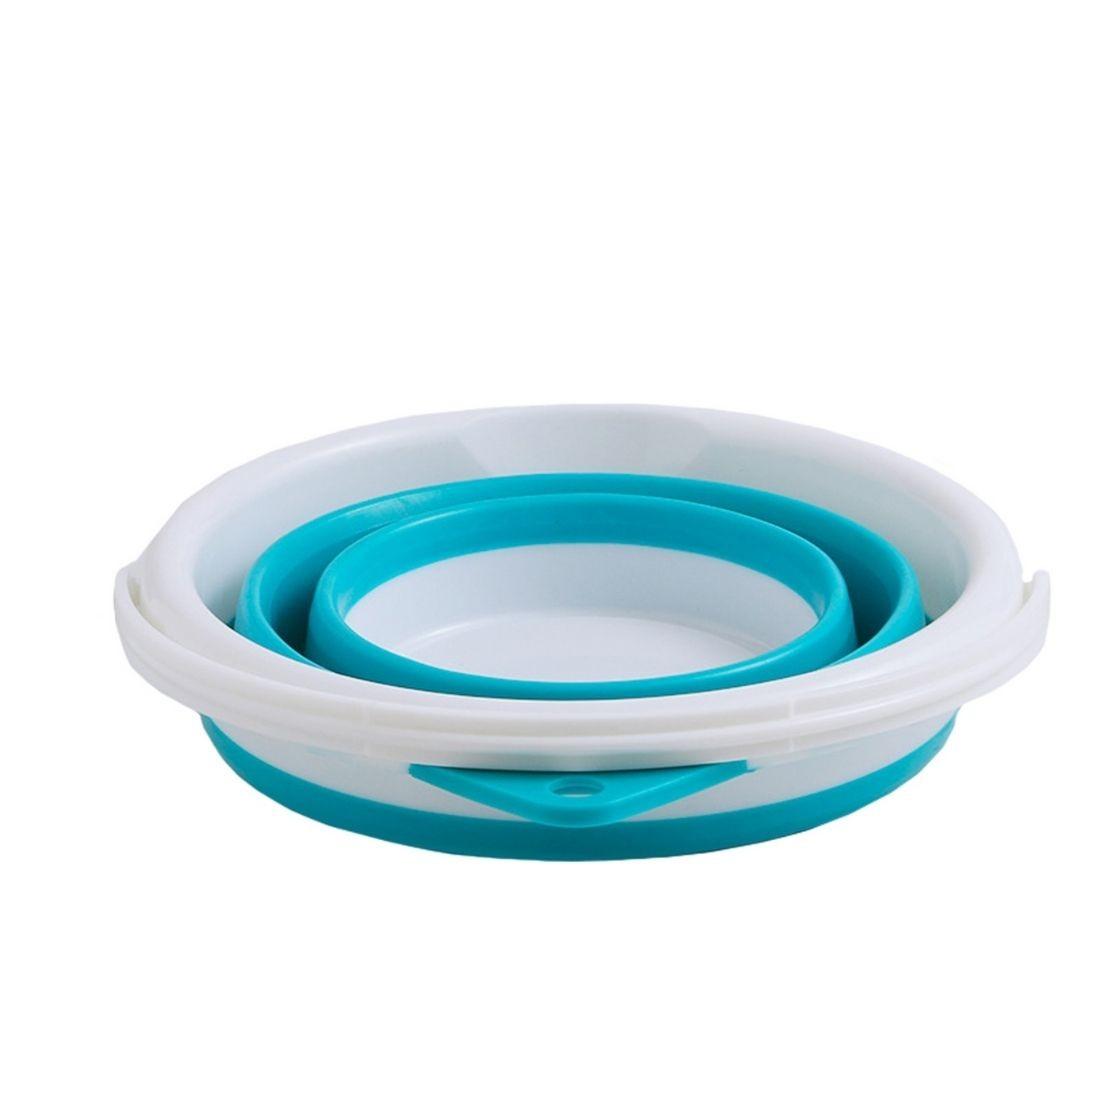 Balde Dobrável Retrátil Sanfonado Multiuso Silicone 10L - Azul